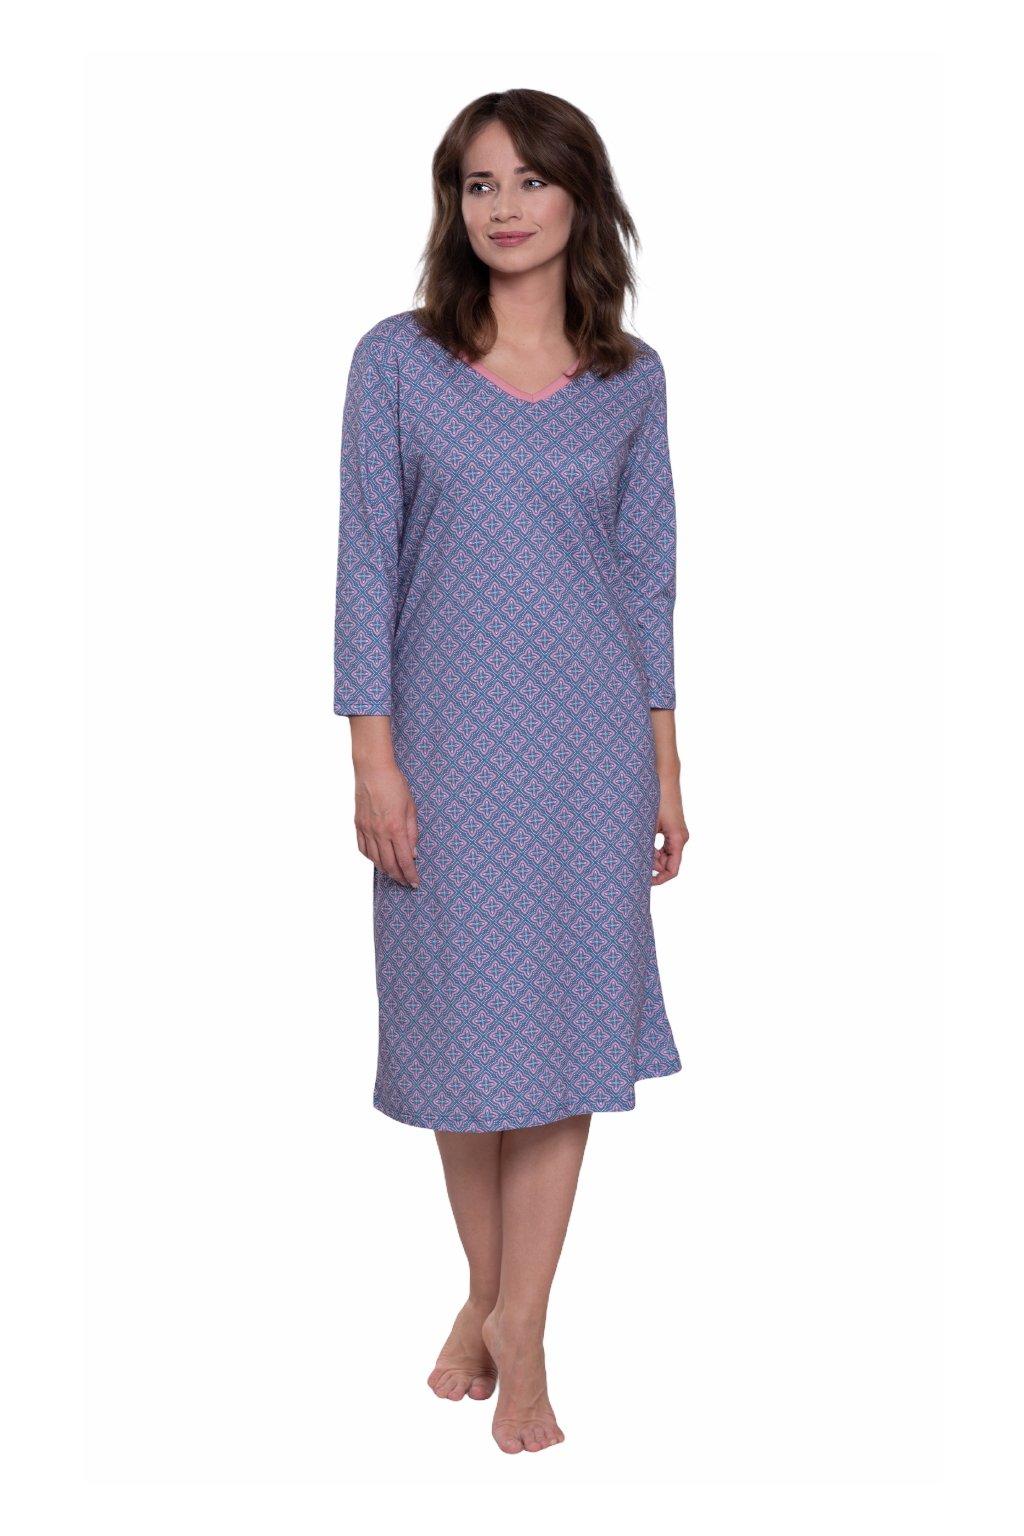 Dámská noční košile s 3/4 rukávem, 104573 269, modrá